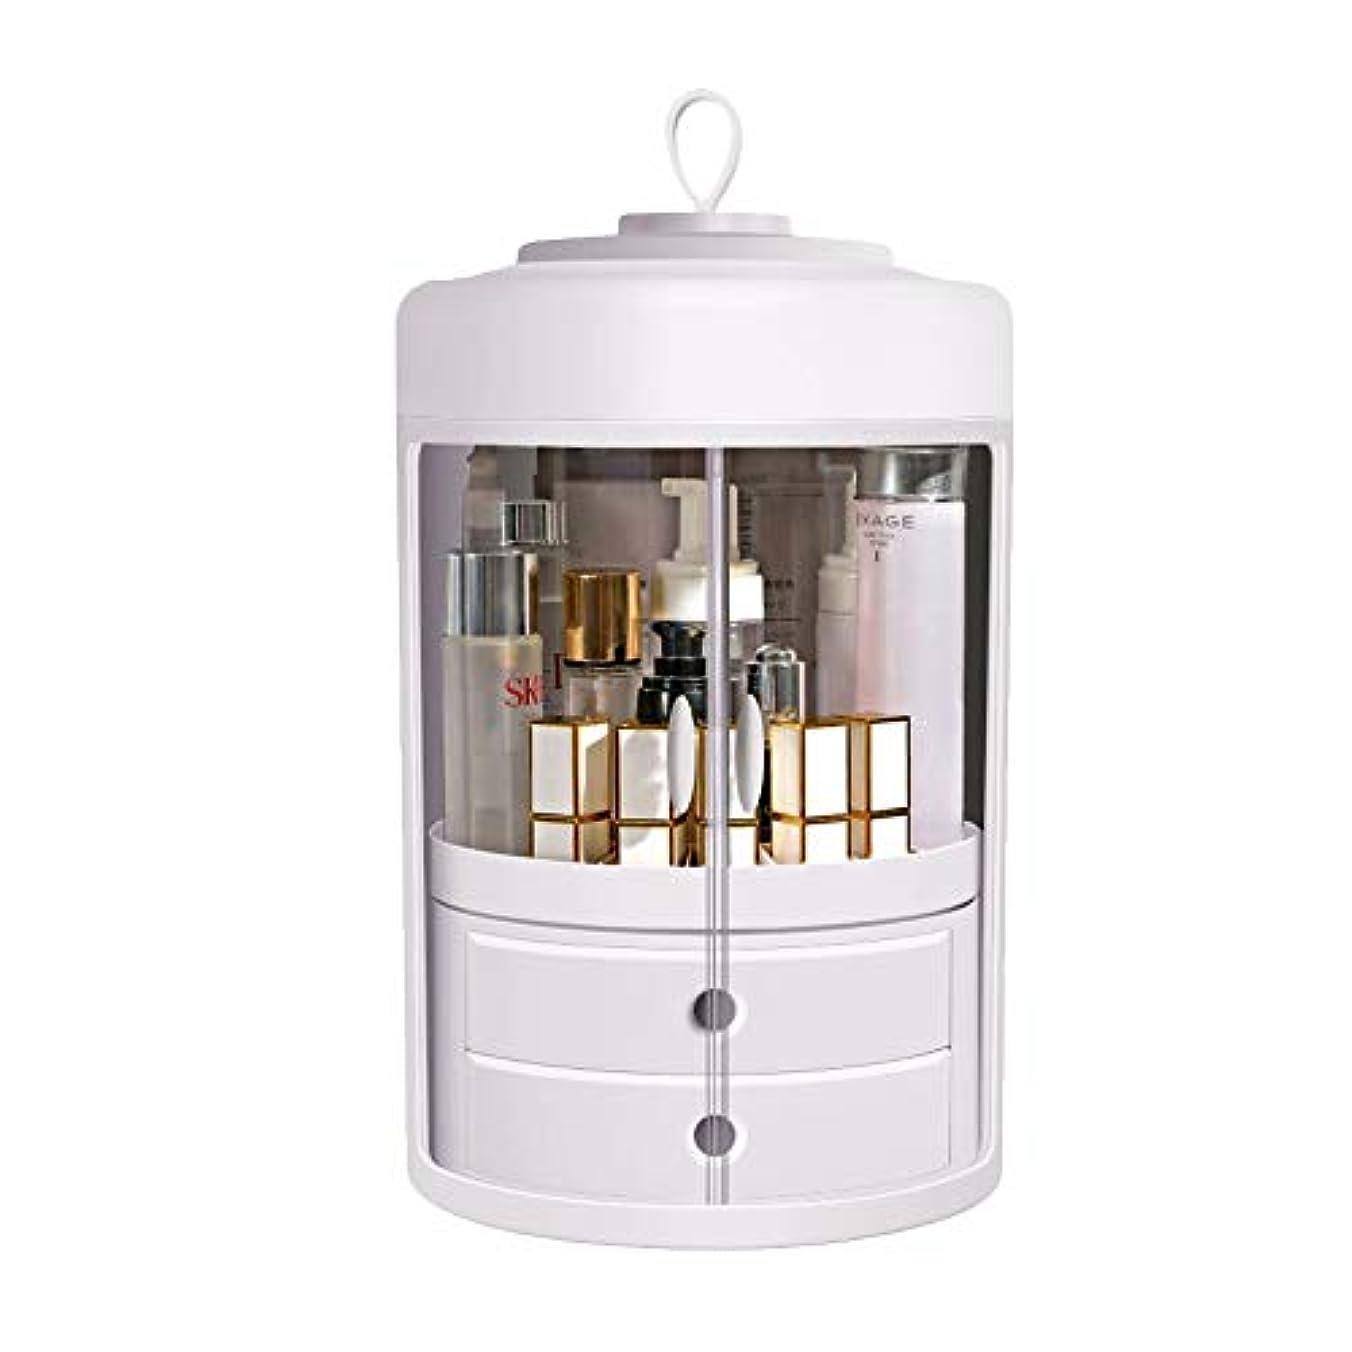 トラクター法令極端な化粧品収納 コスメ収納ボックス メイクケース 360度回転 防塵 防水 取っ手付き 旅行用 化粧ケース付き 二つ引き出し 透明